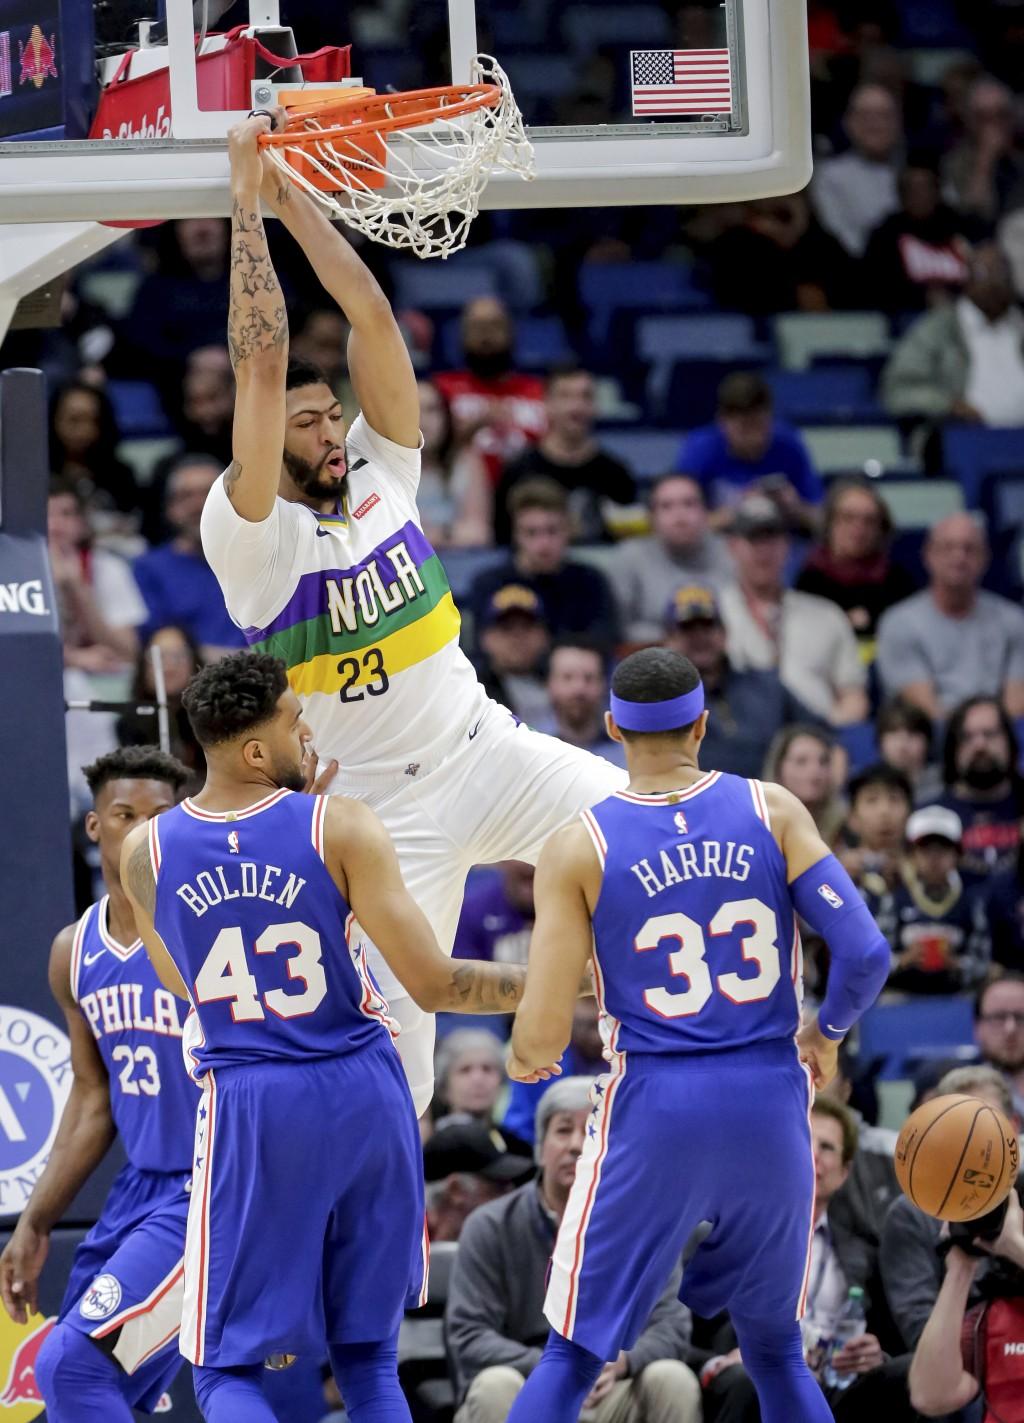 New Orleans Pelicans forward Anthony Davis (23) dunks as Philadelphia 76ers forward Jonah Bolden (43) and Philadelphia 76ers forward Tobias Harris (33...